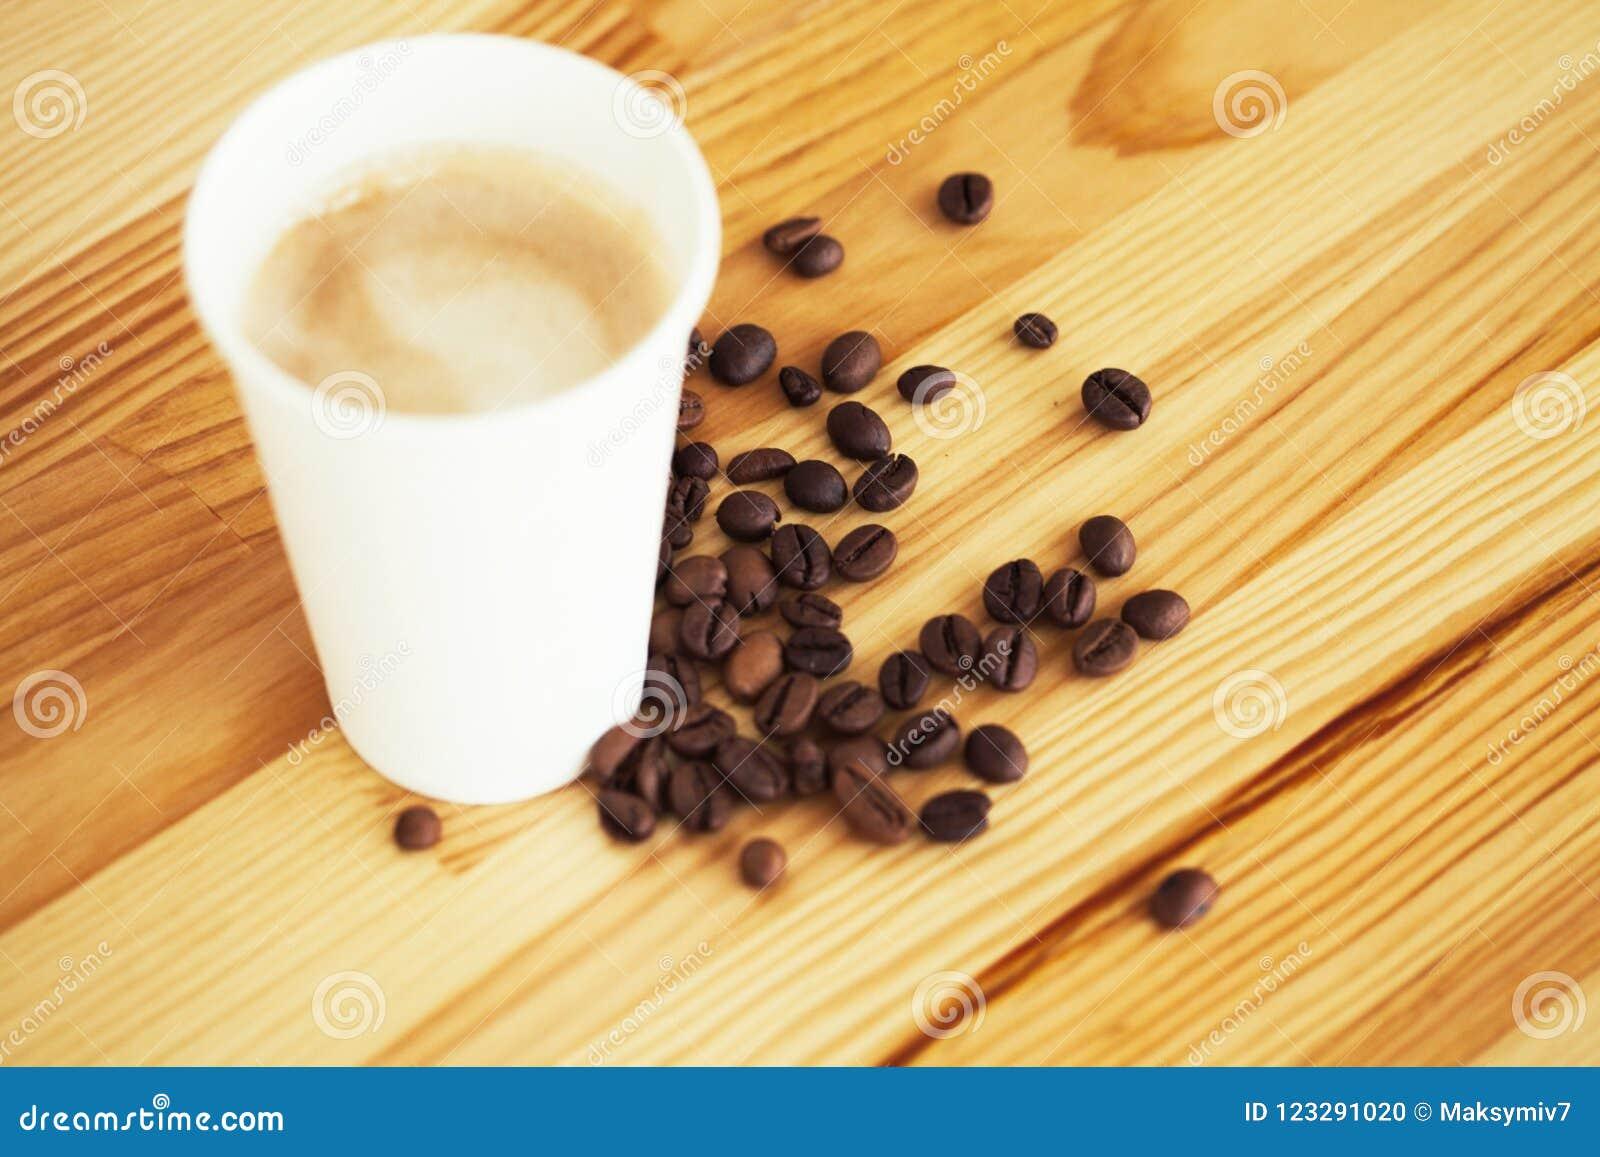 Buenos días Café a ir Las tazas de café con la cubierta y el café sean